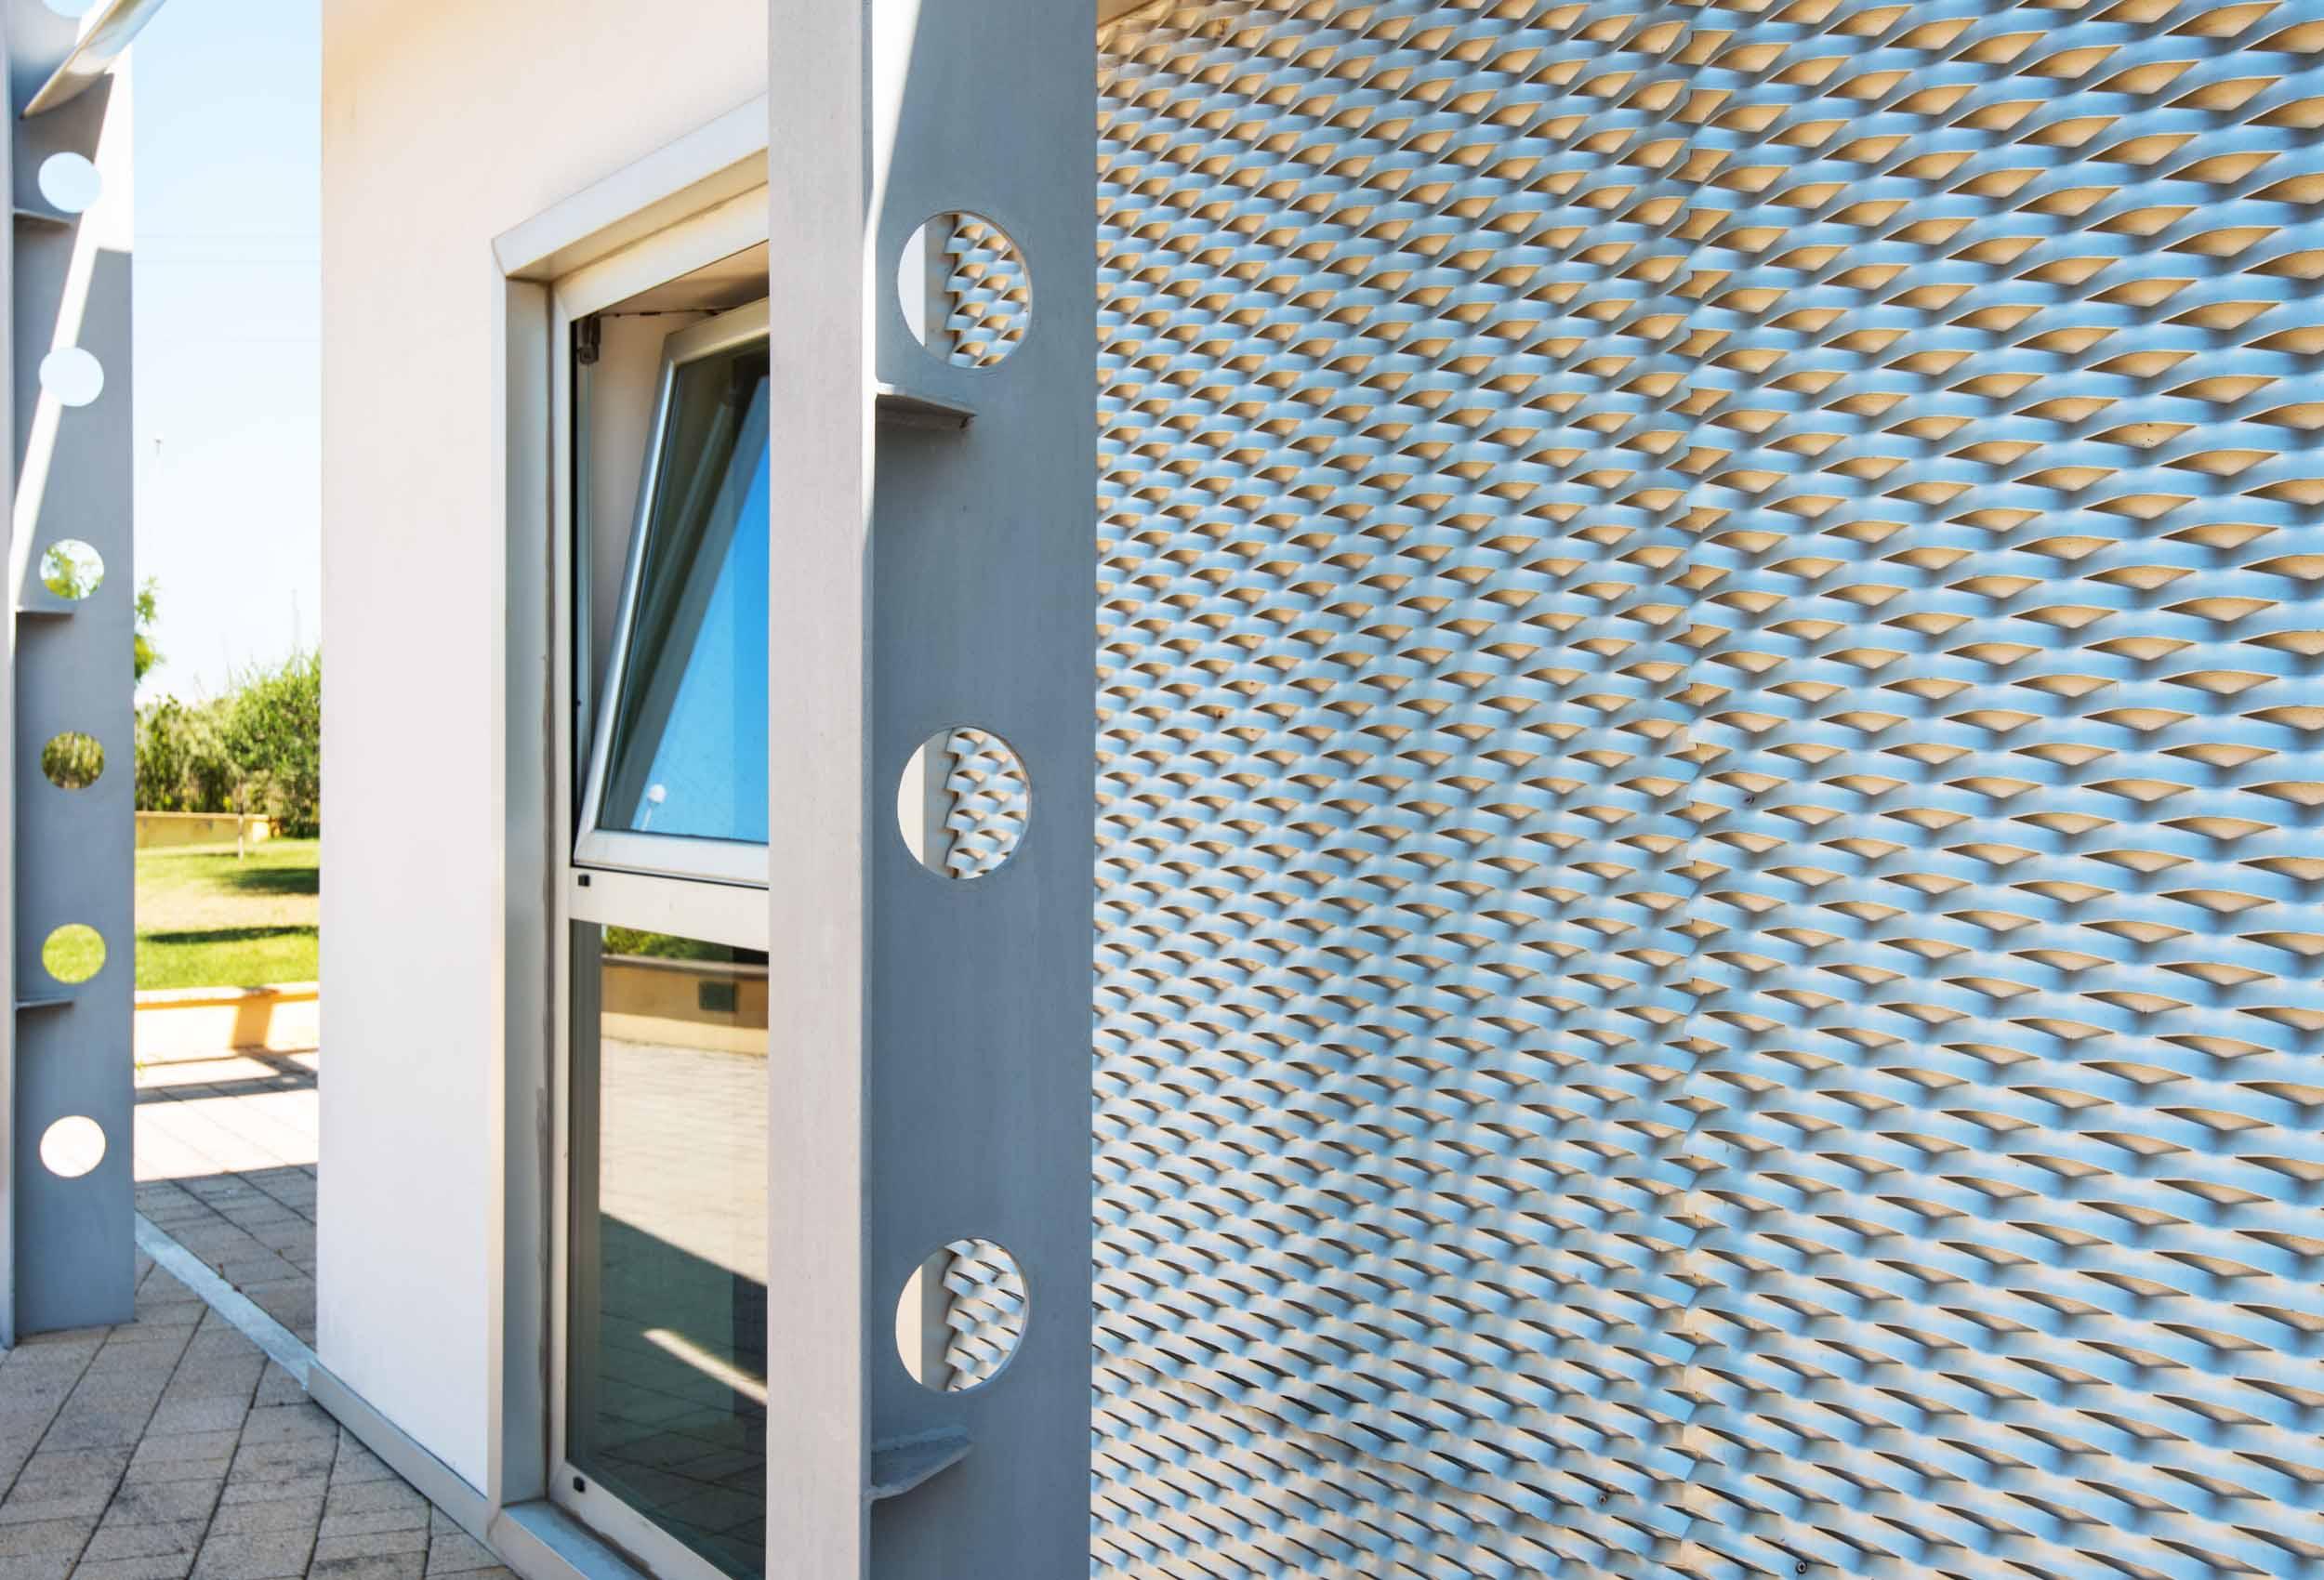 studio-architettura-uffici-roma-varchi-futuristici6